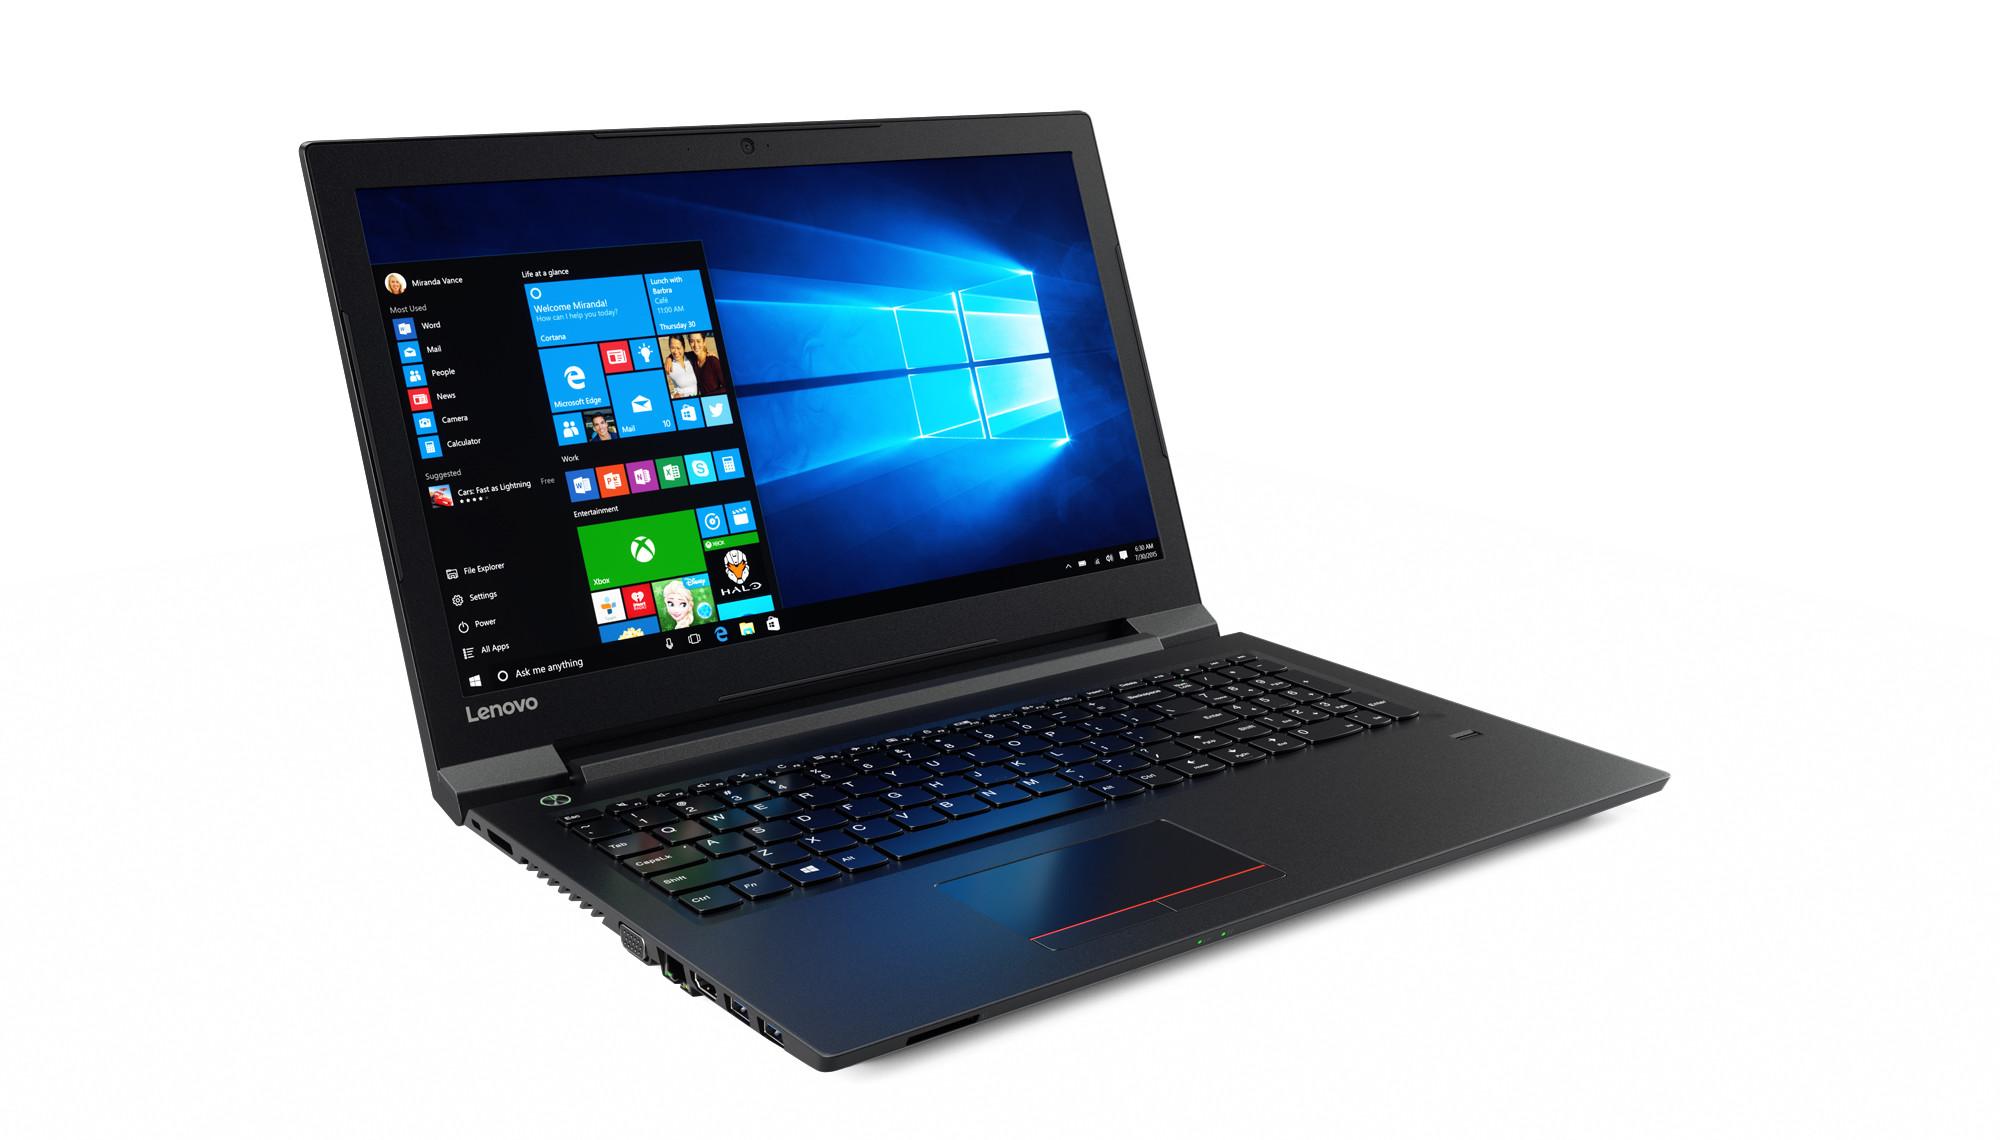 """Lenovo V310-15ISK i3-6100U/8GB/1TB HDD -5400/DVD-RW/Radeon2GB/15,6""""HD matný/Win10"""